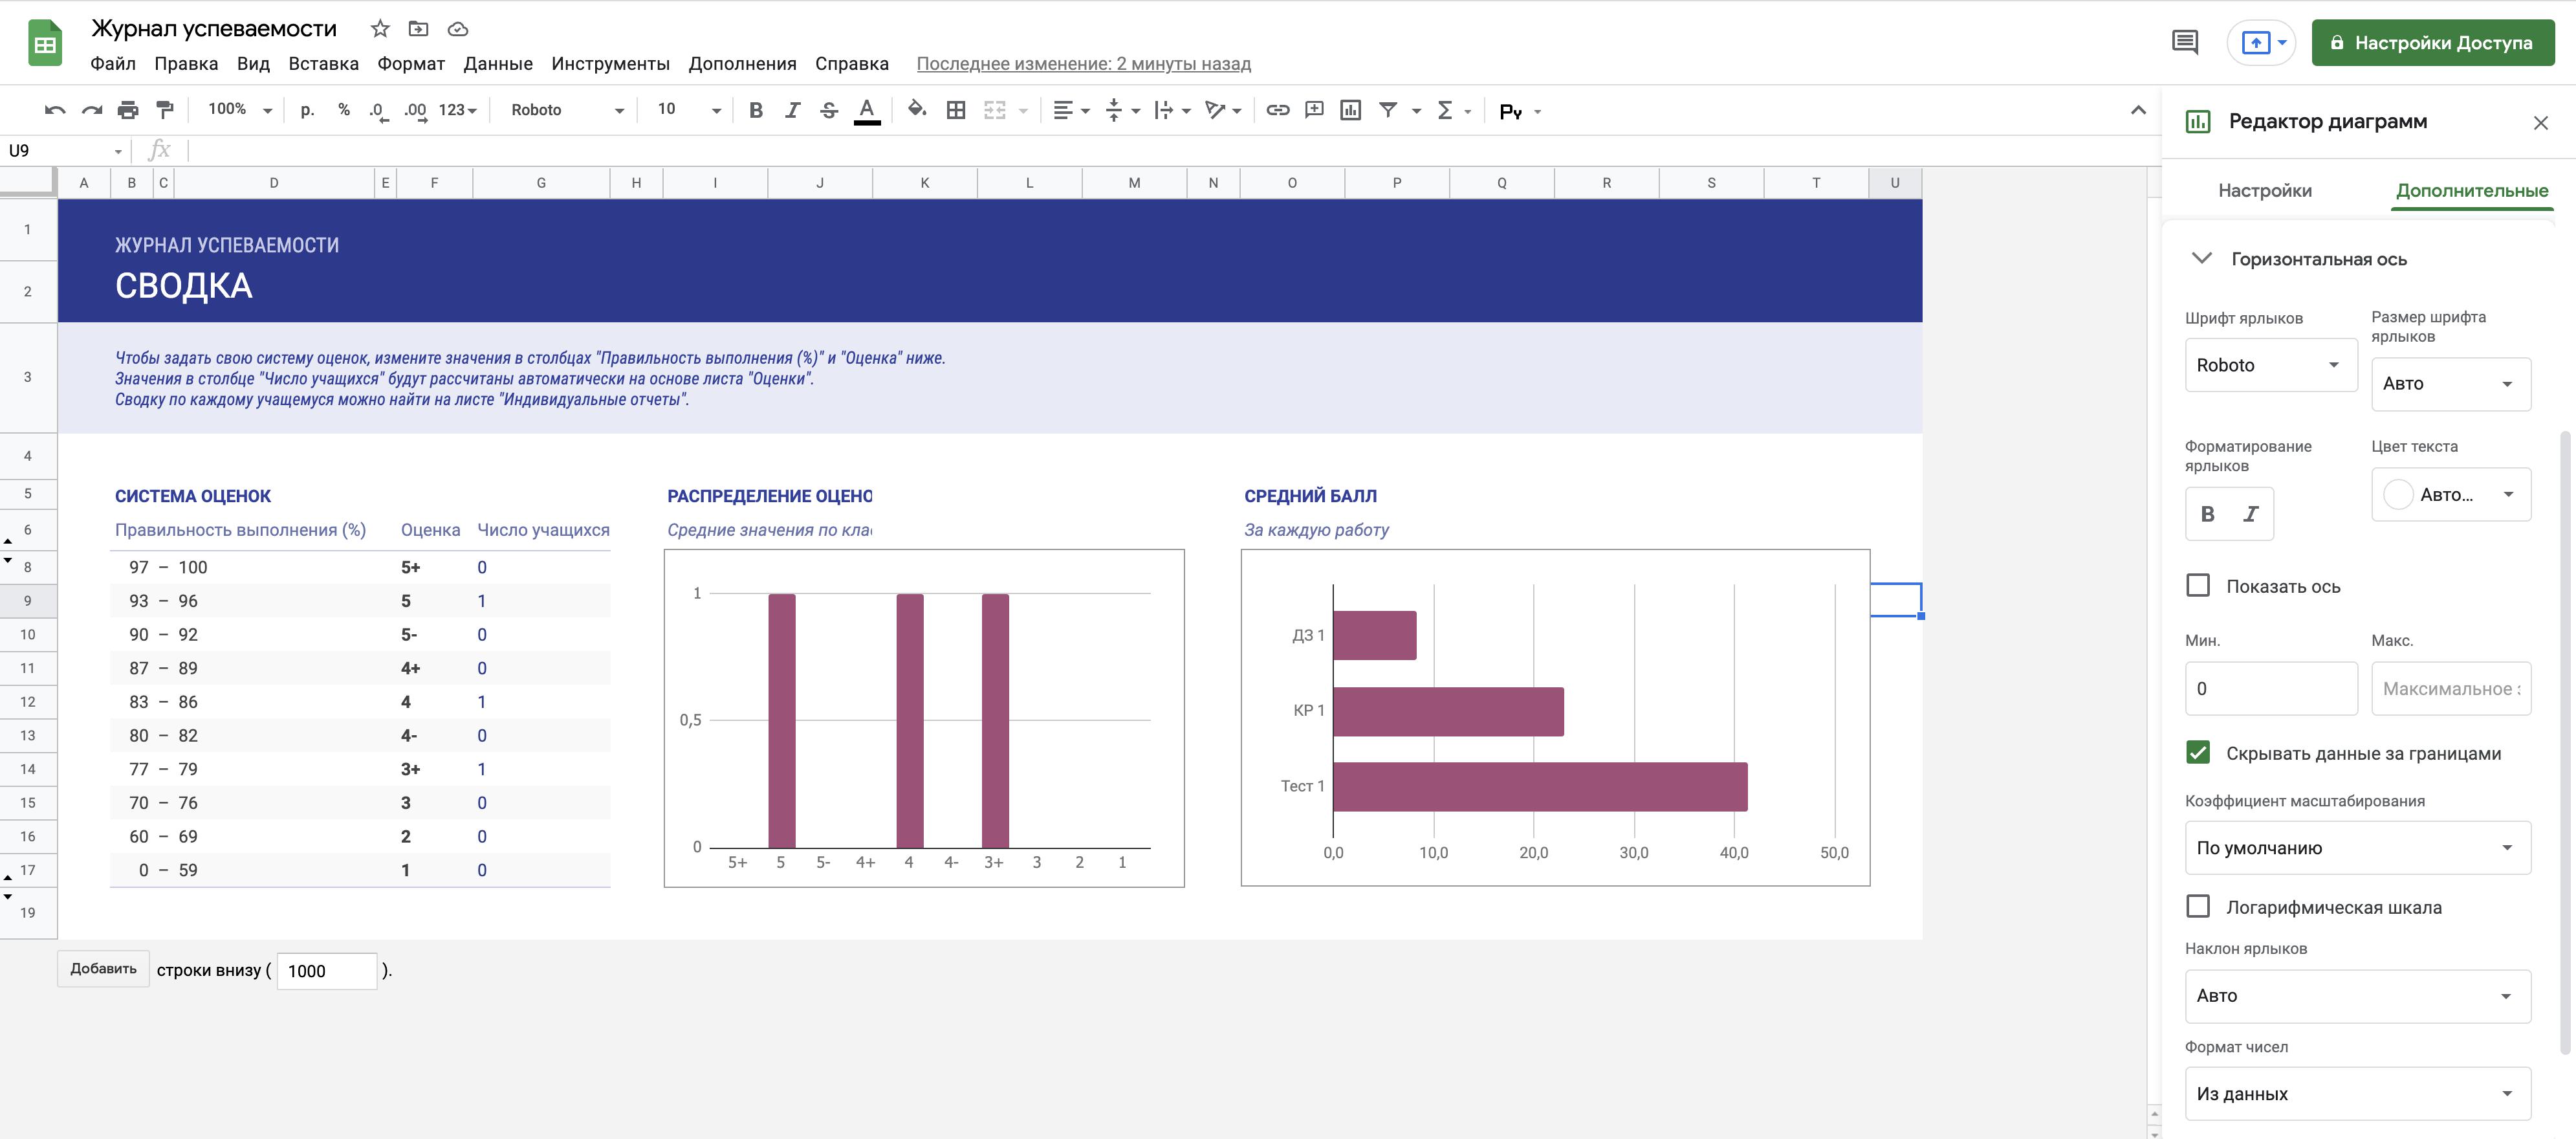 построить, увеличить масштаб графика по точкам в эксель онлайн